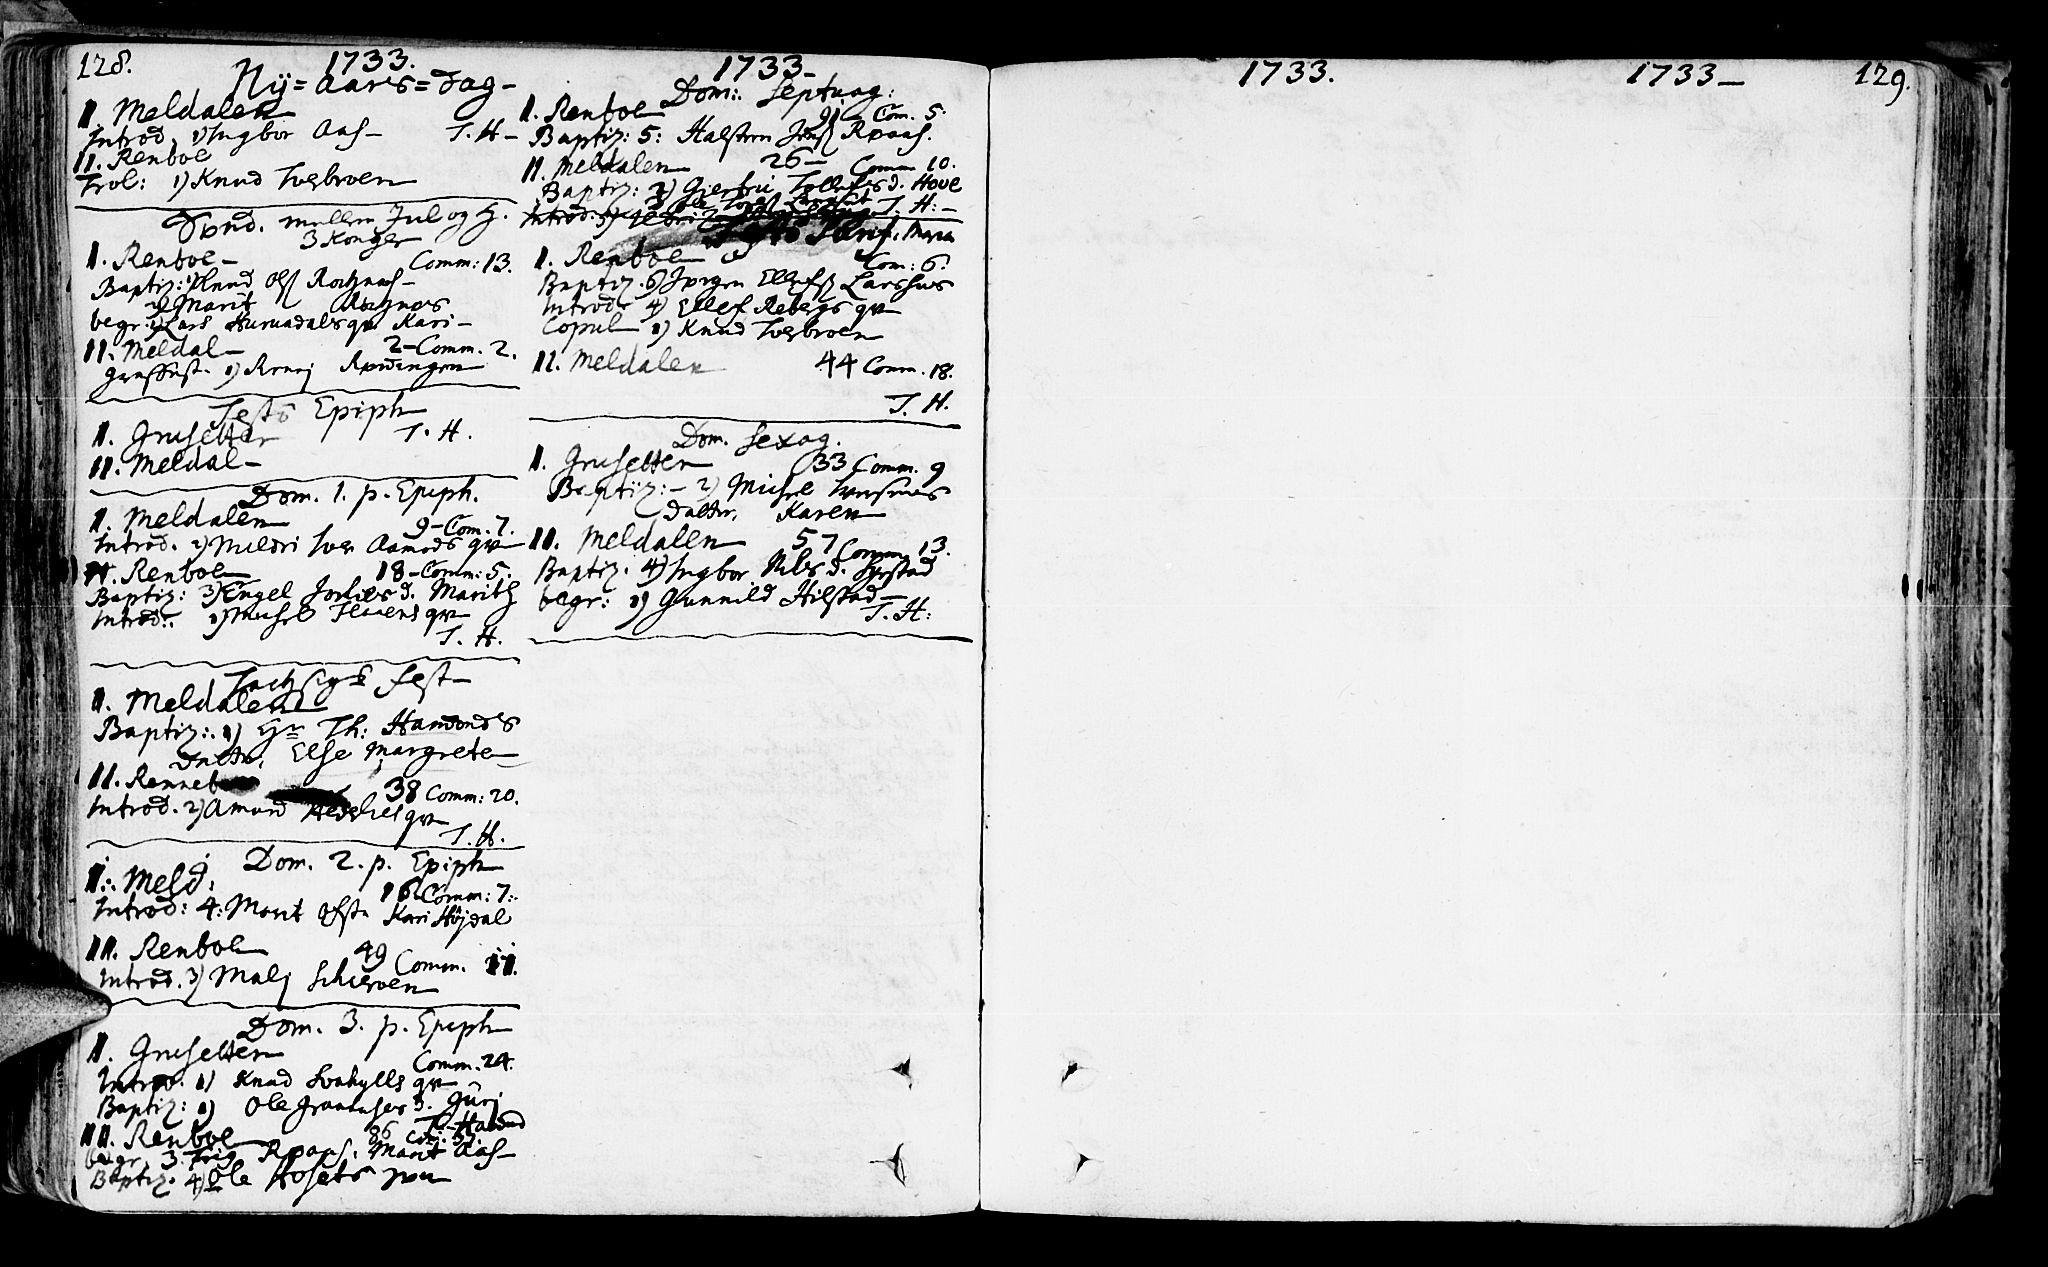 SAT, Ministerialprotokoller, klokkerbøker og fødselsregistre - Sør-Trøndelag, 672/L0850: Ministerialbok nr. 672A03, 1725-1751, s. 128-129